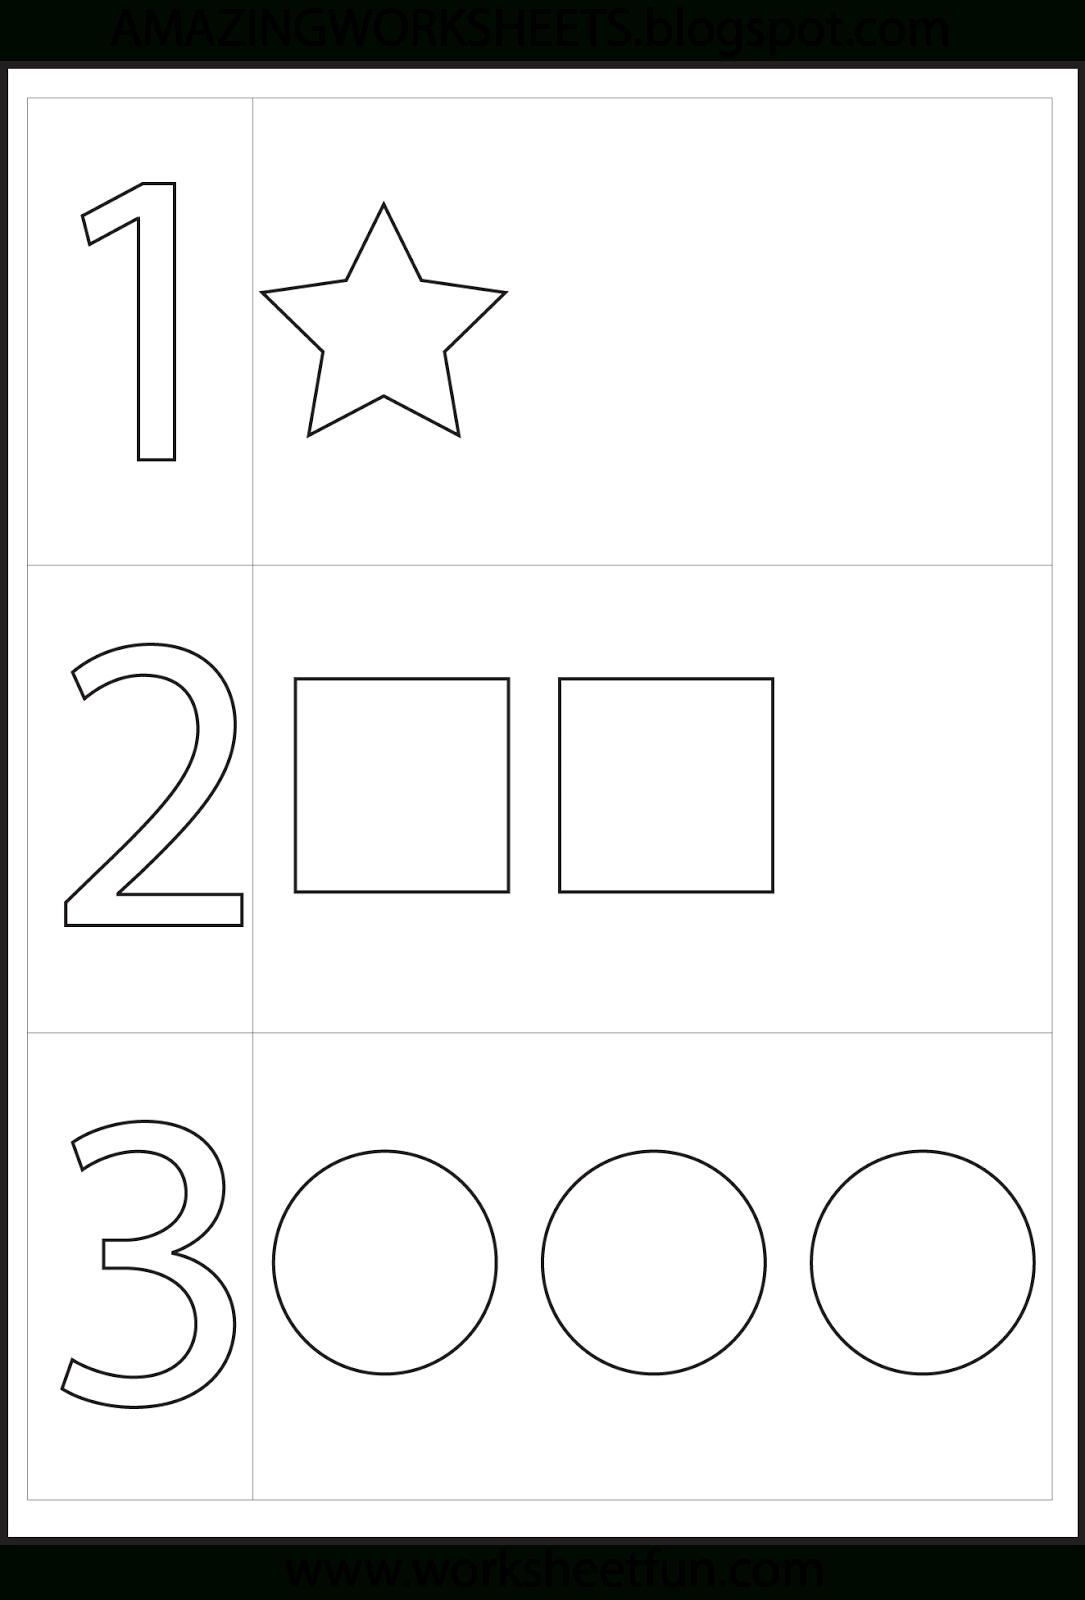 Worksheetfun - Free Printable Worksheets   Numbers Preschool